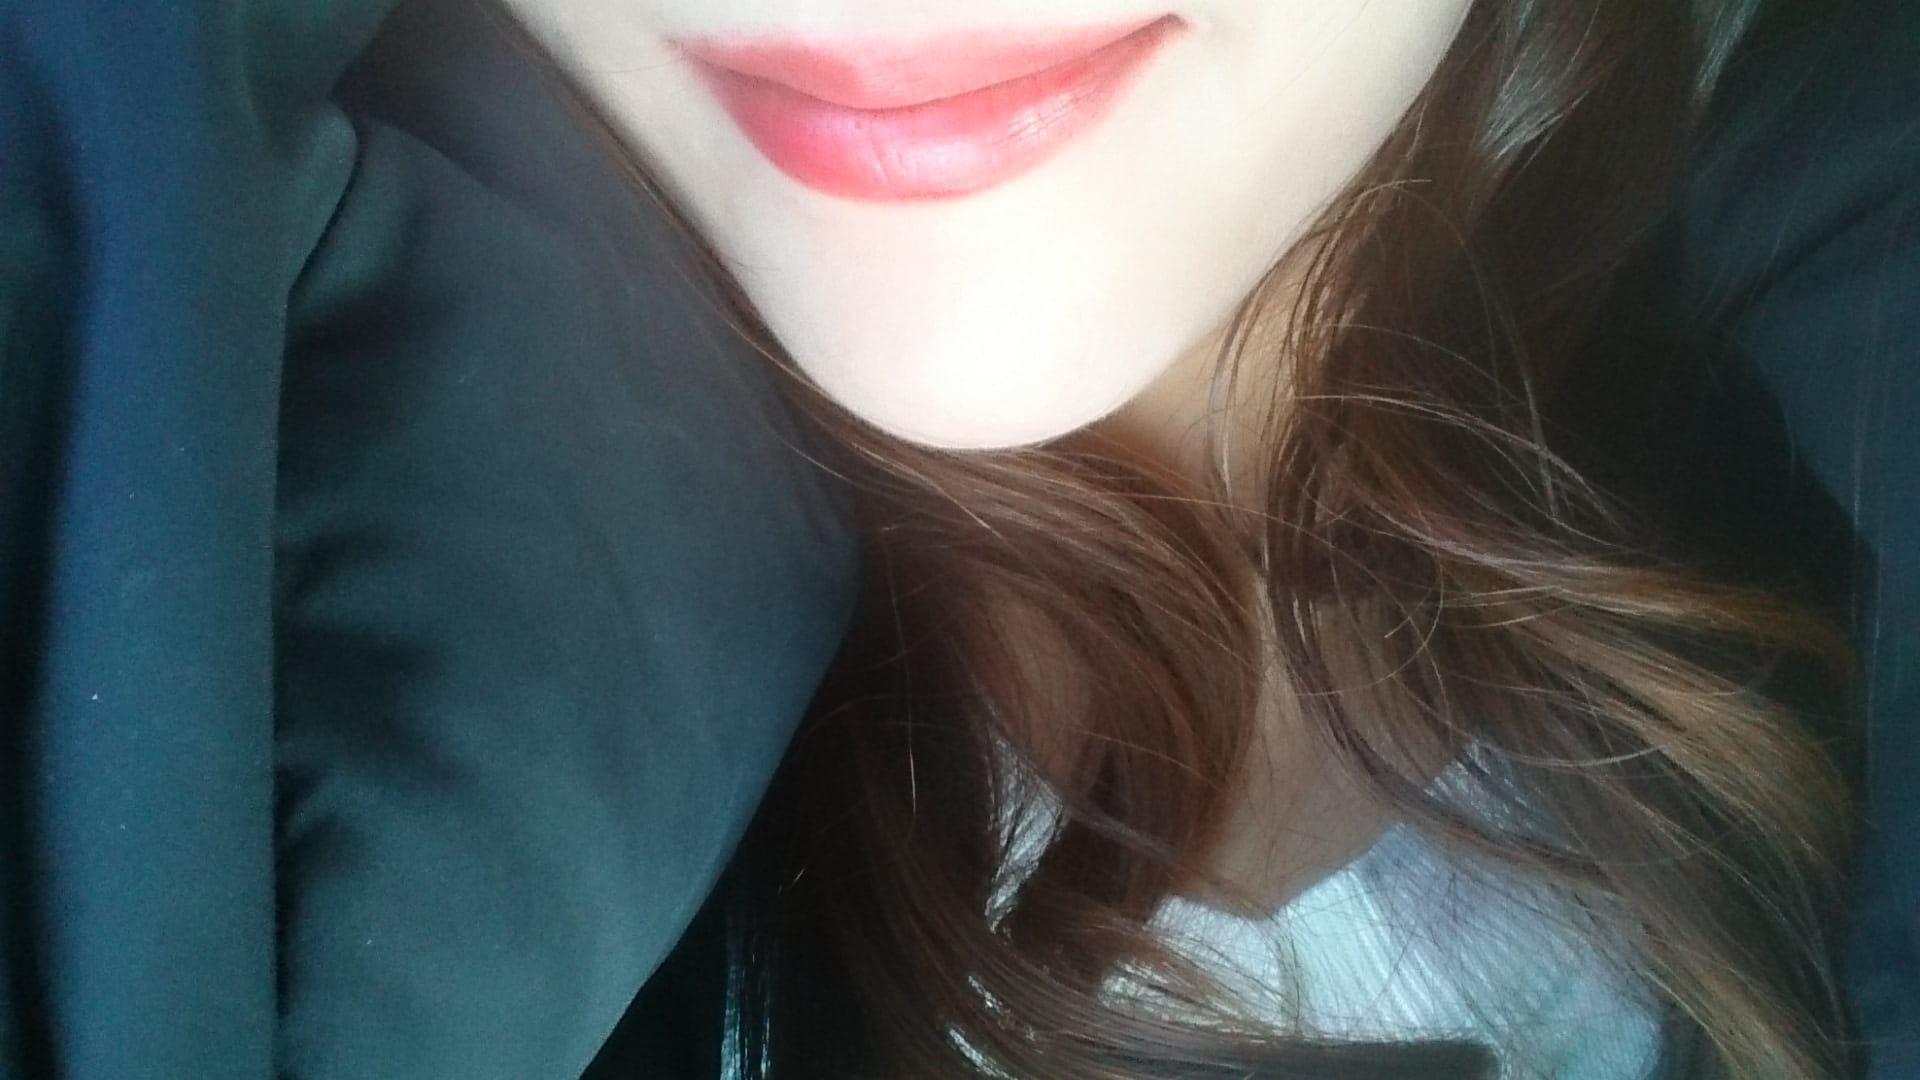 「出勤します♪」02/19(月) 09:01 | 夢川 あいの写メ・風俗動画